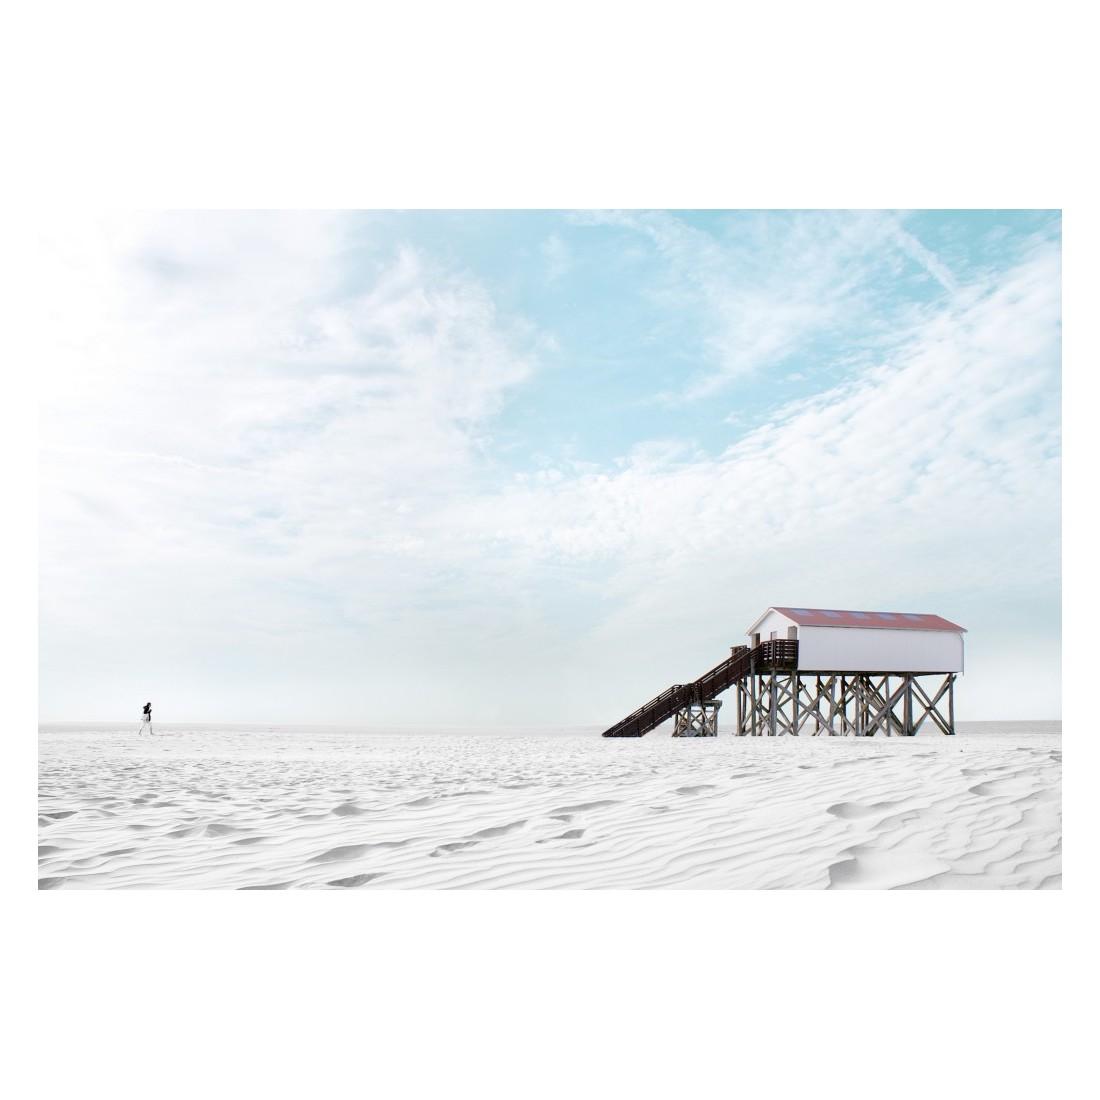 Leinwand The Wanderer – von Ralf Wilken – Größe: 40 x 60 cm, seen.by online kaufen